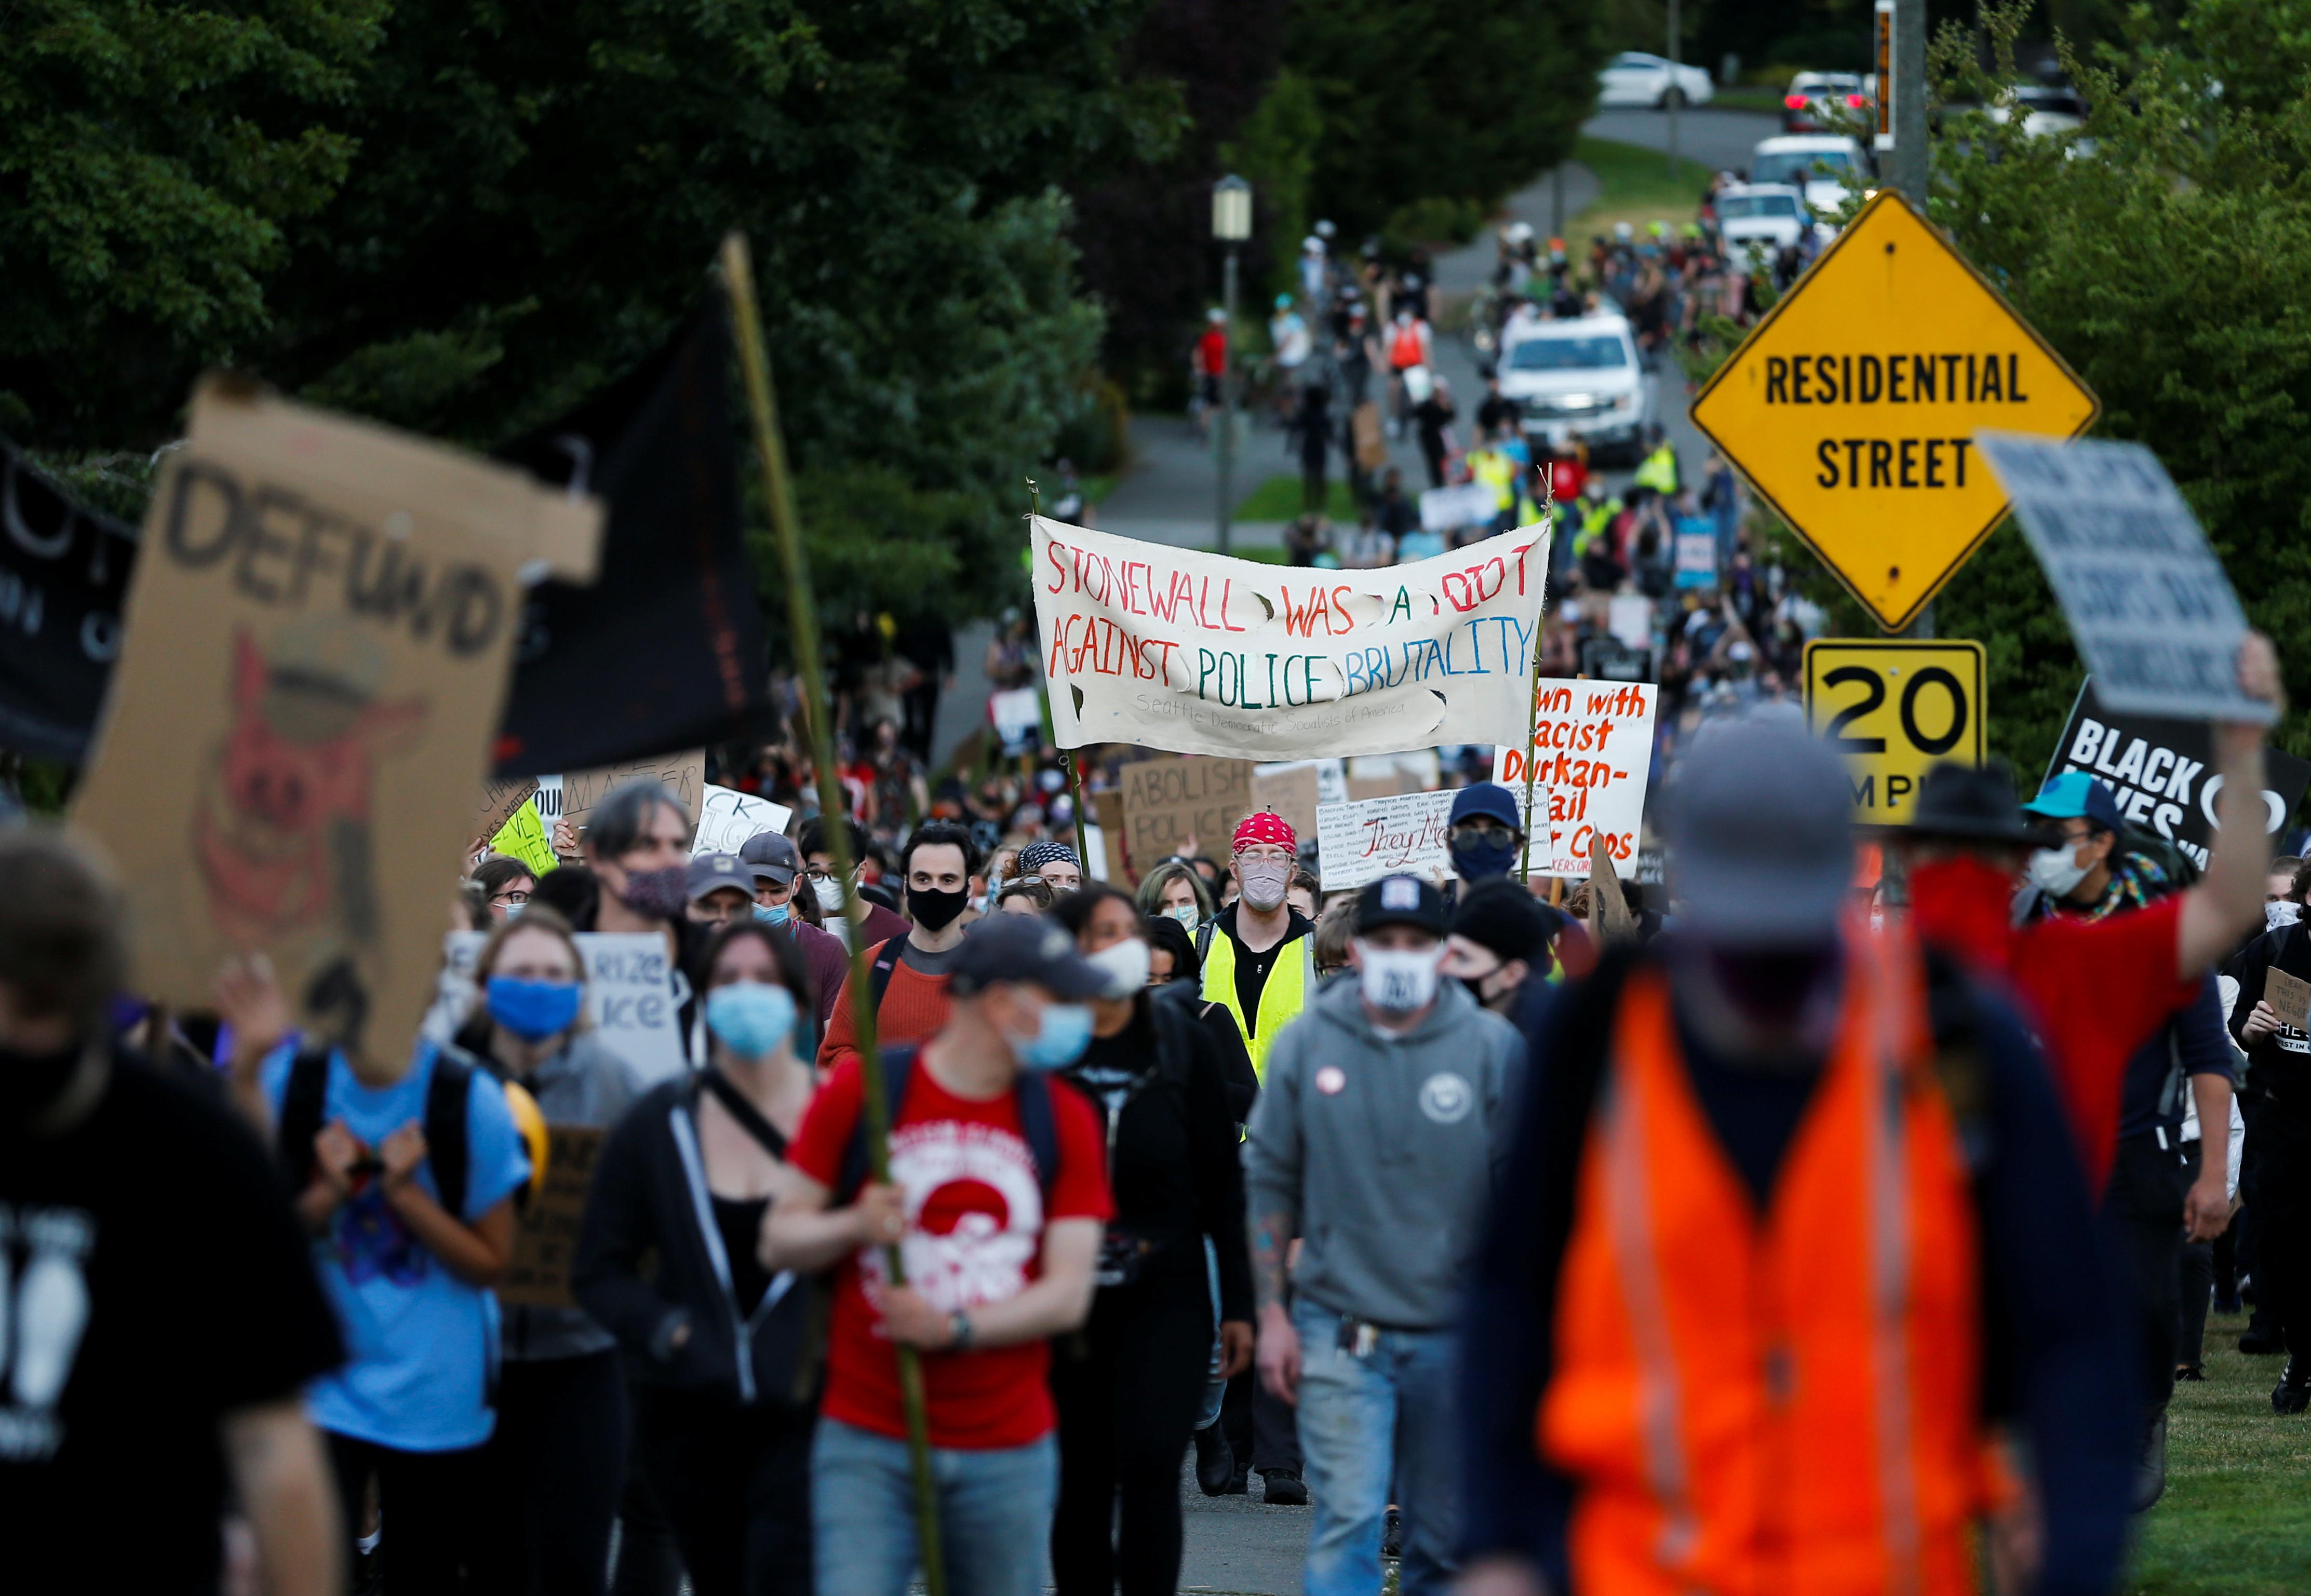 المتظاهرون يرفعون لافتات بمطالبهم